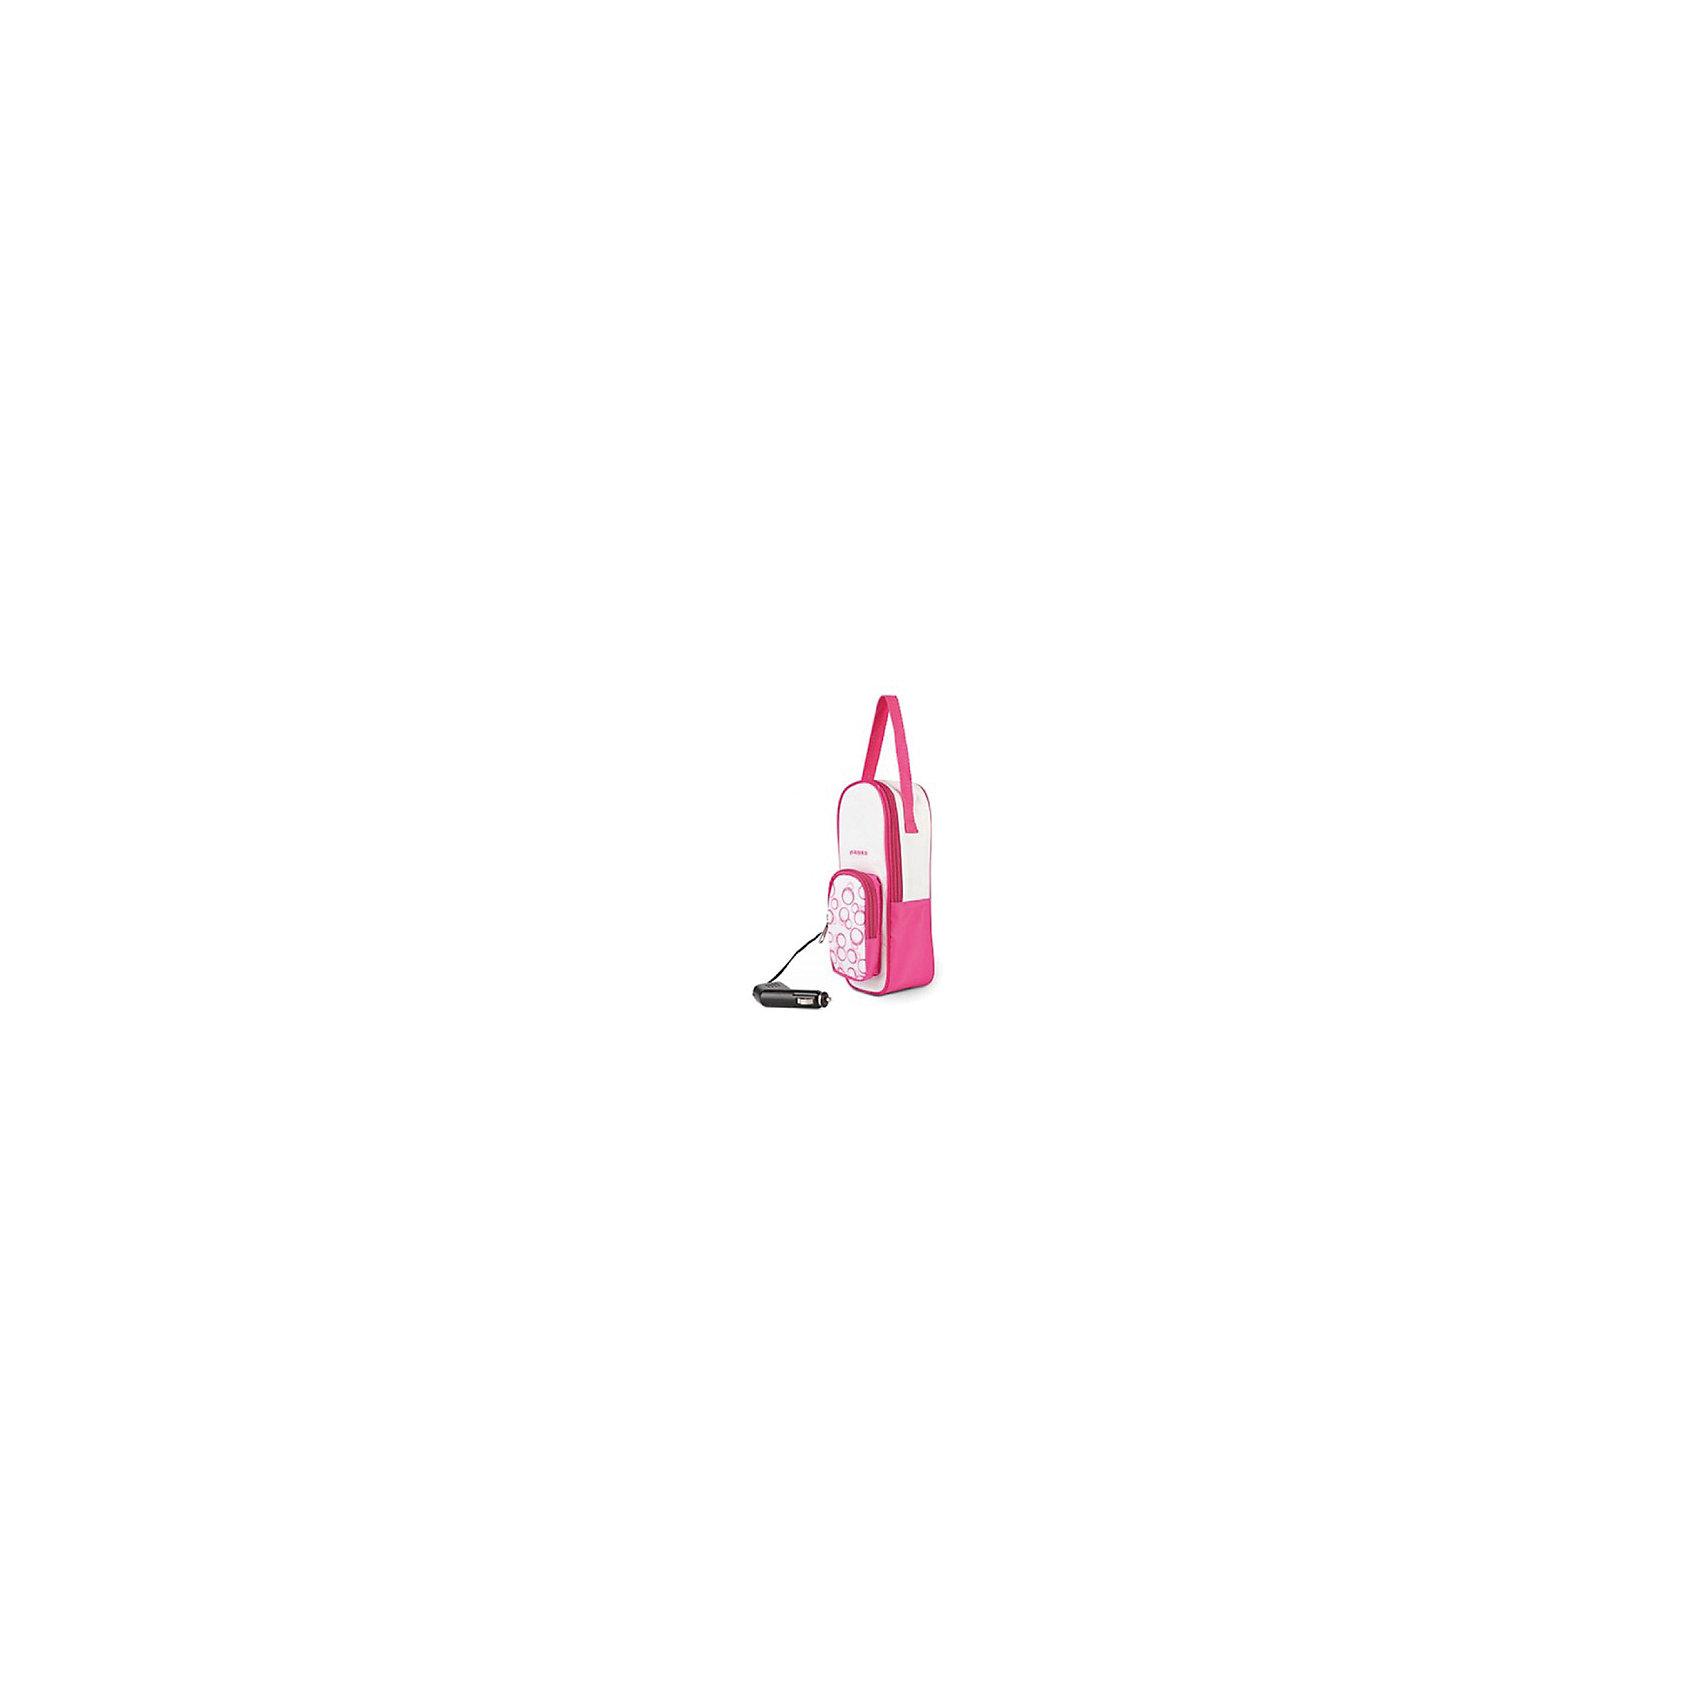 Подогреватель детского питания Maman LS-C003Работает от бортовой сети автомобиля.<br>Предназначен для разогрева детского питания в бутылочках всех типов, емкостью от 100 мл до 300 мл.<br>Разогревает и сохраняет детское питание теплым в длительной автомобильной поездке.<br>Встроенный электронный термостат гарантирует защиту от перегрева.<br>Подогреватель выполнен в виде компактной сумки, в которой можно переносить бутылочку с питанием.<br><br>Ширина мм: 100<br>Глубина мм: 100<br>Высота мм: 240<br>Вес г: 523<br>Возраст от месяцев: 0<br>Возраст до месяцев: 36<br>Пол: Унисекс<br>Возраст: Детский<br>SKU: 3375639